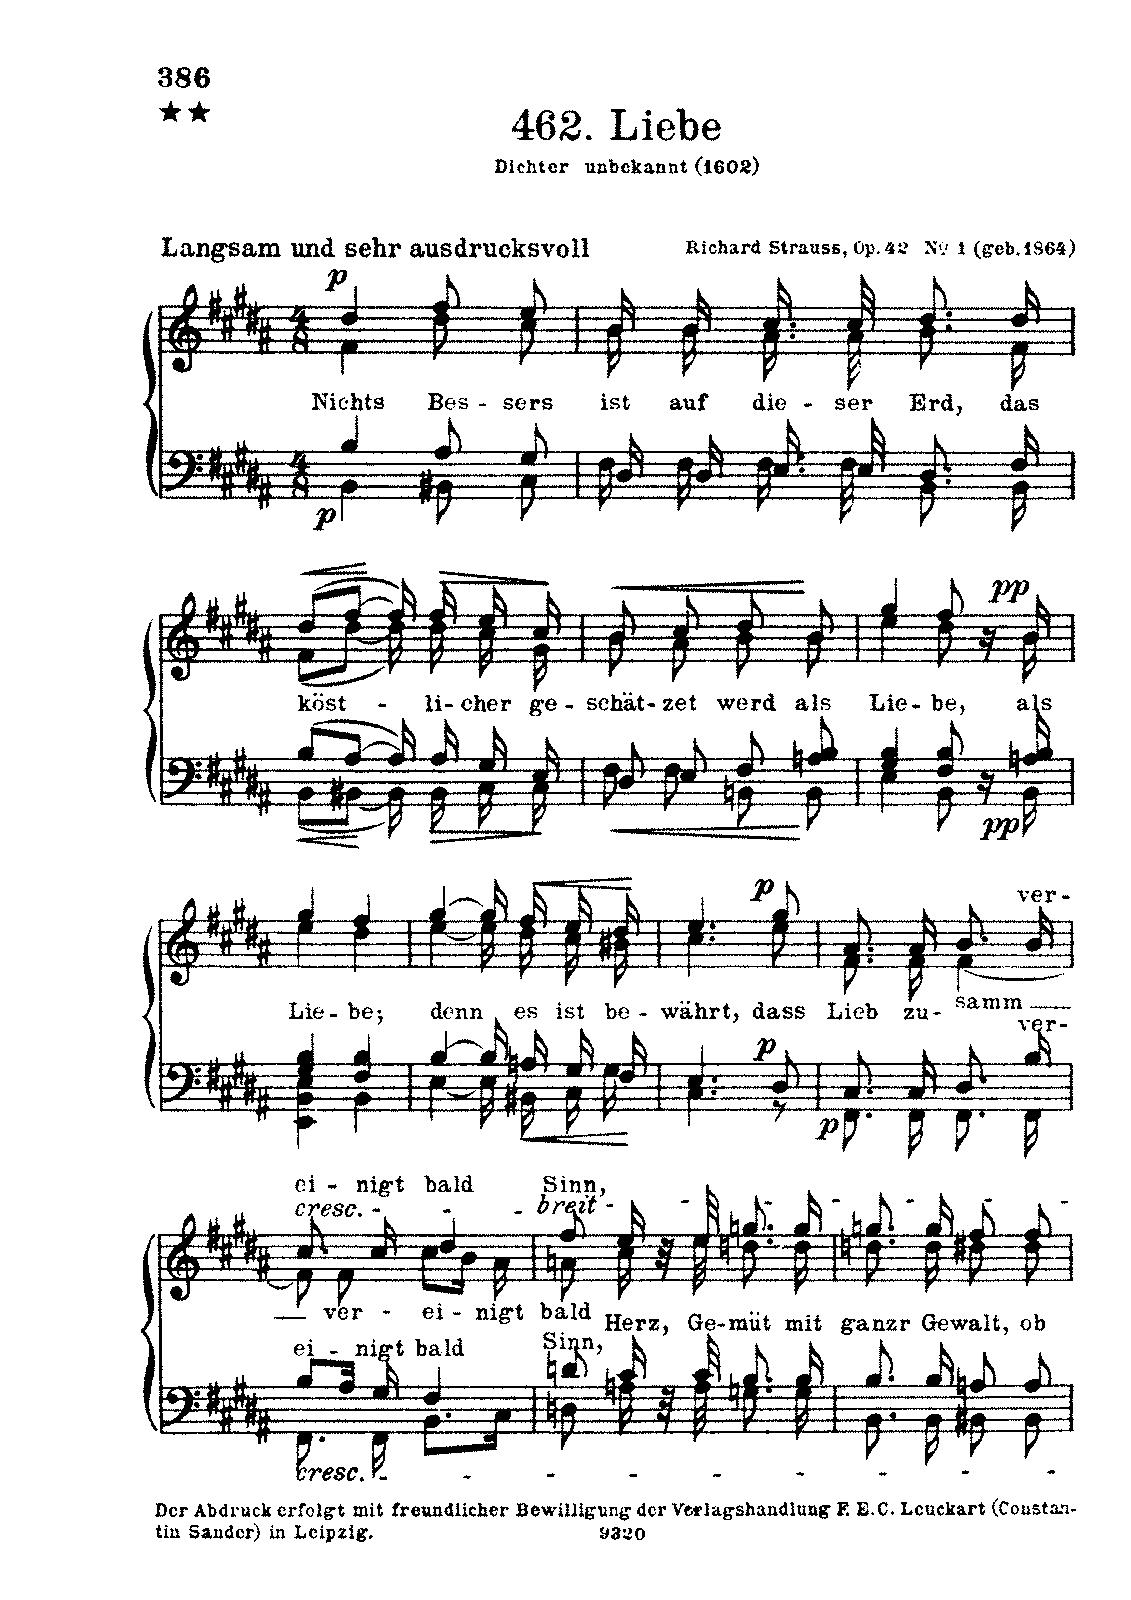 2 Männerchöre, Op 42 (Strauss, Richard) - IMSLP/Petrucci